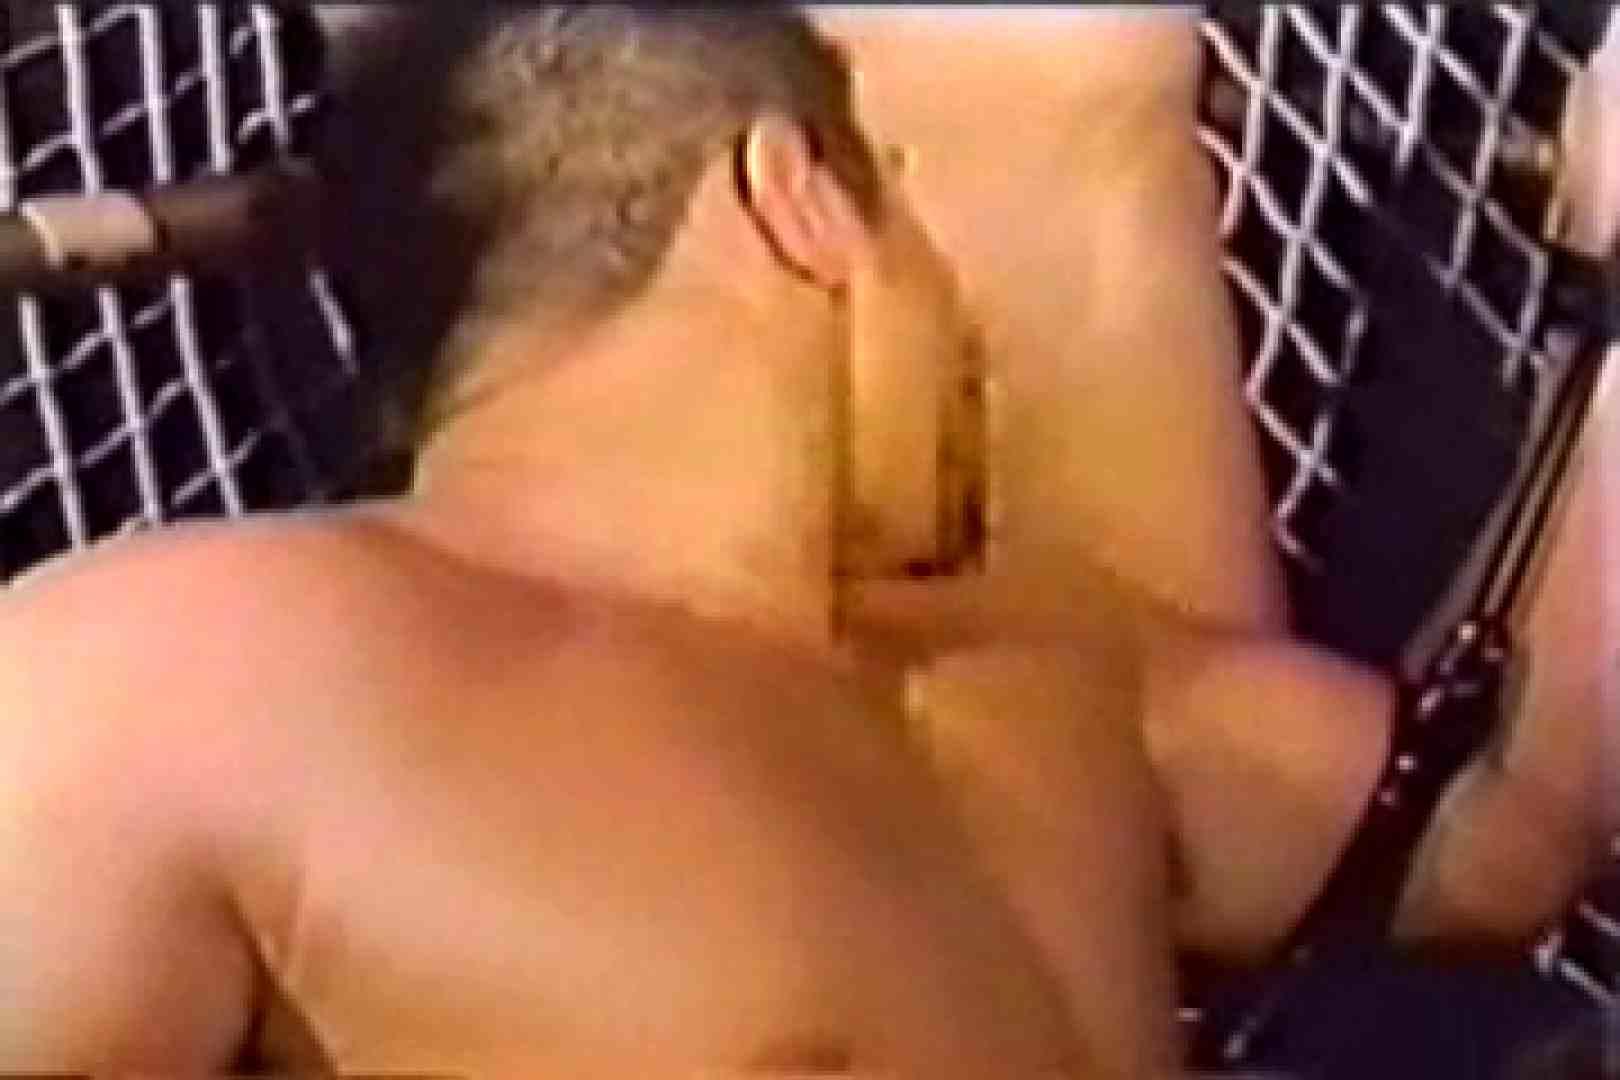 俺たち痴態思考!!vol.02 縛グッズプレイ ゲイエロビデオ画像 97pic 95